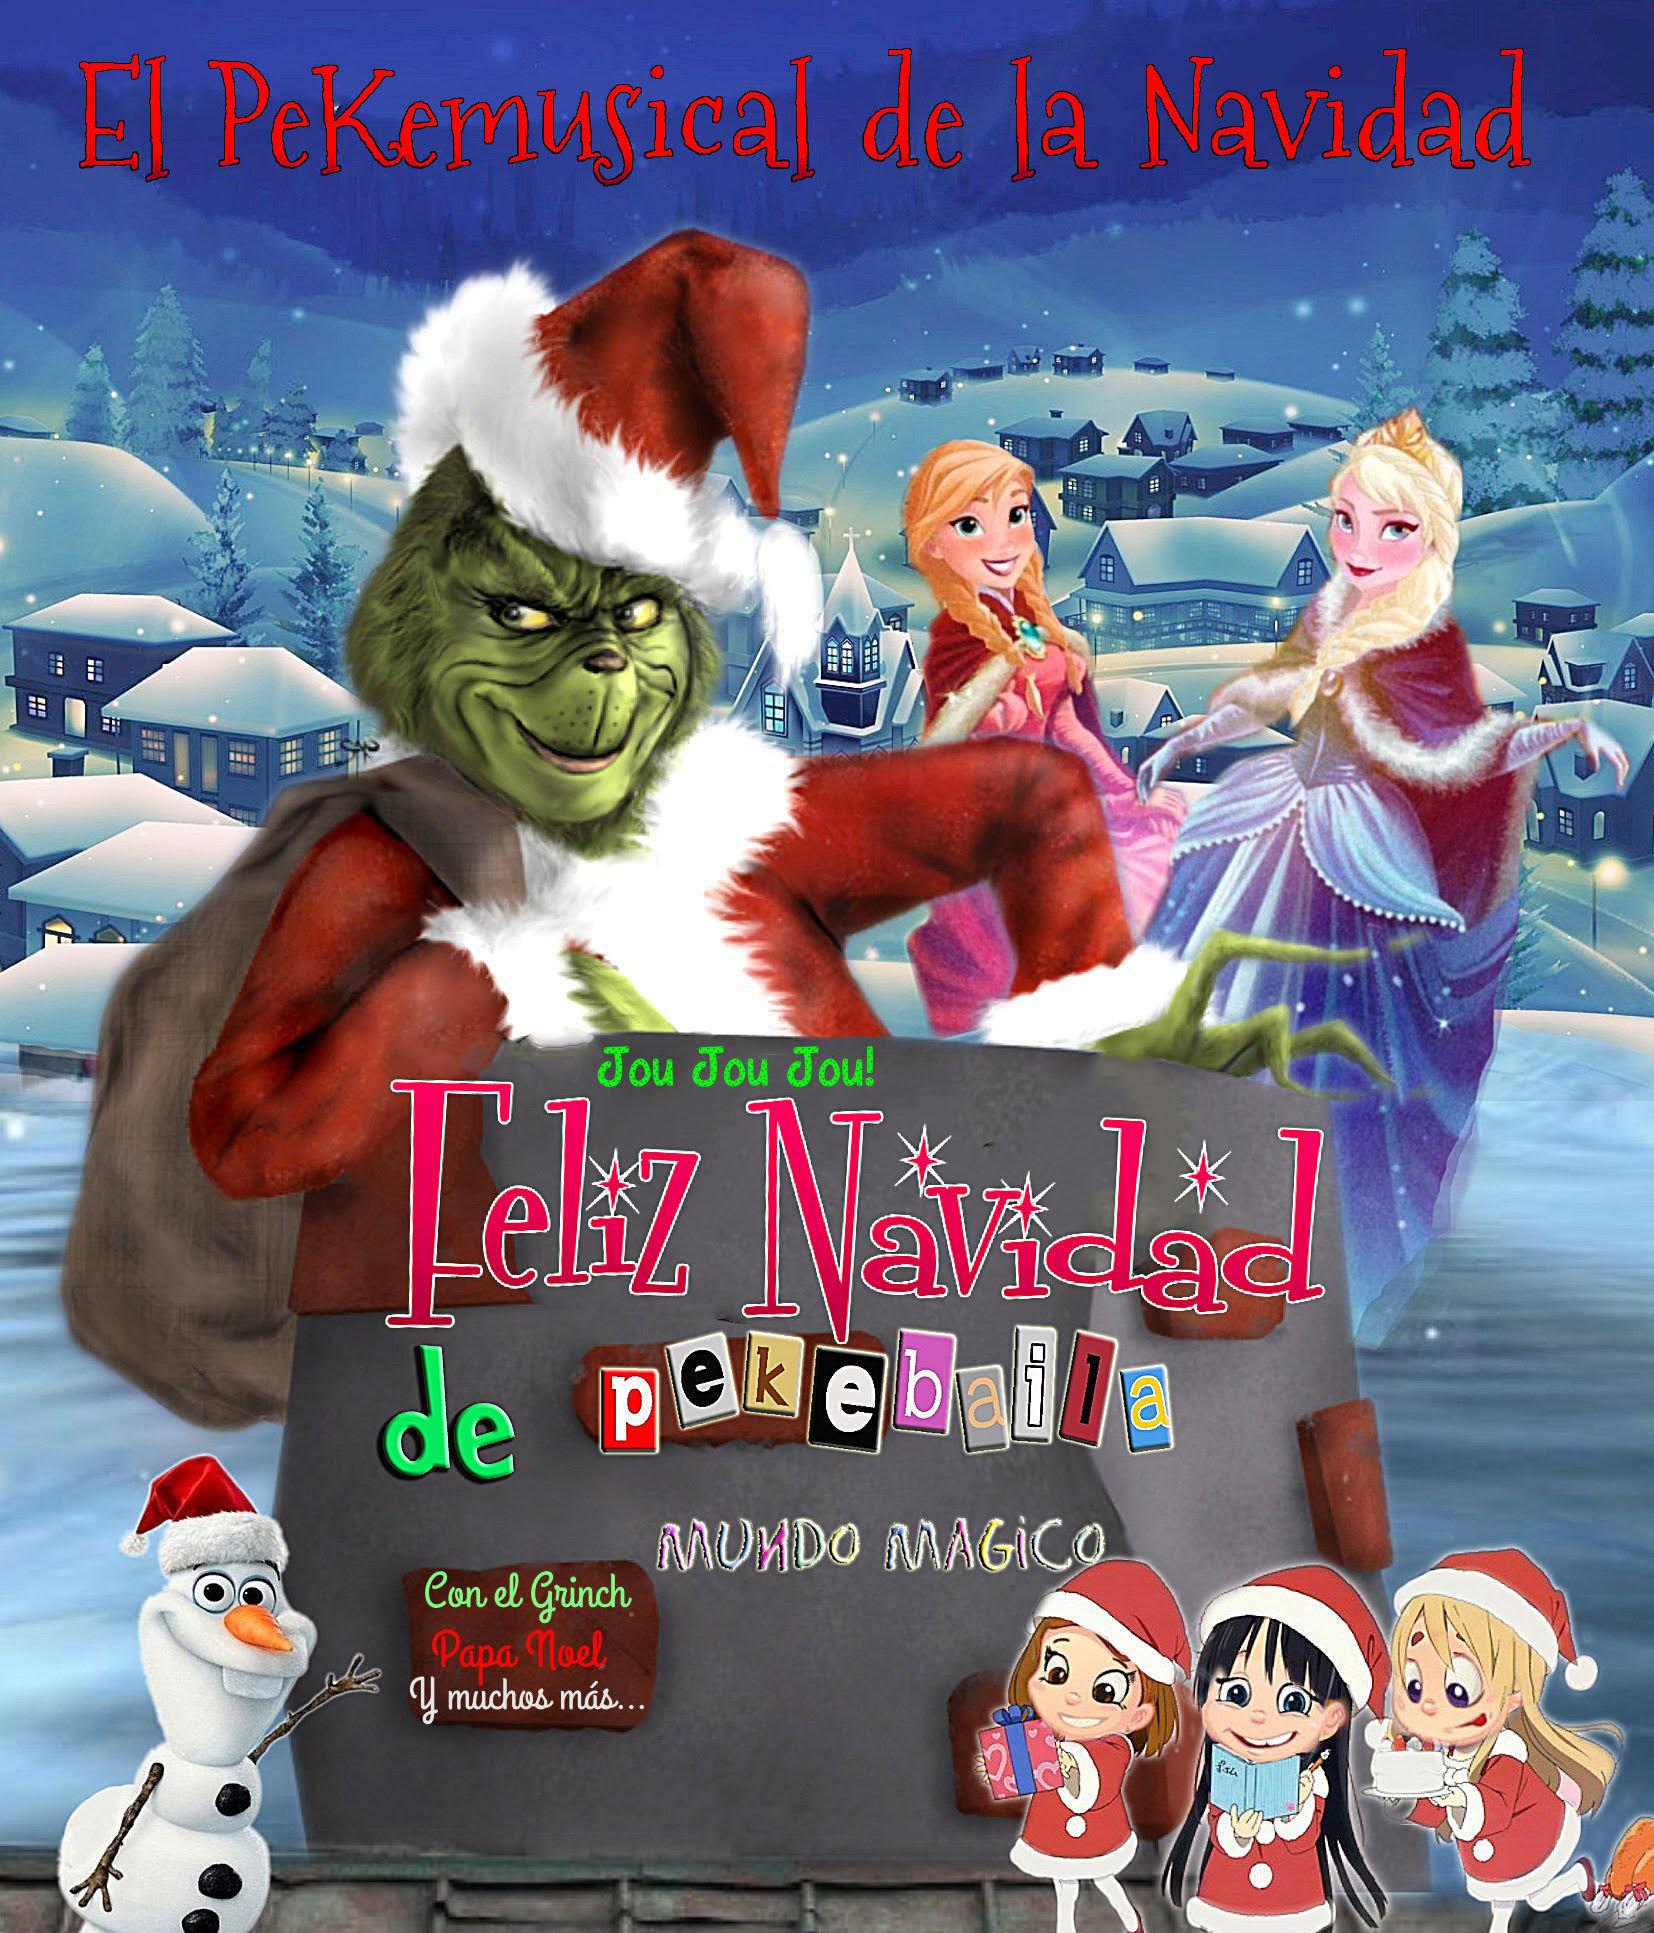 Feliz Navidad Il Divo.Venta De Entradas El Pekemusical De La Navidad Con El